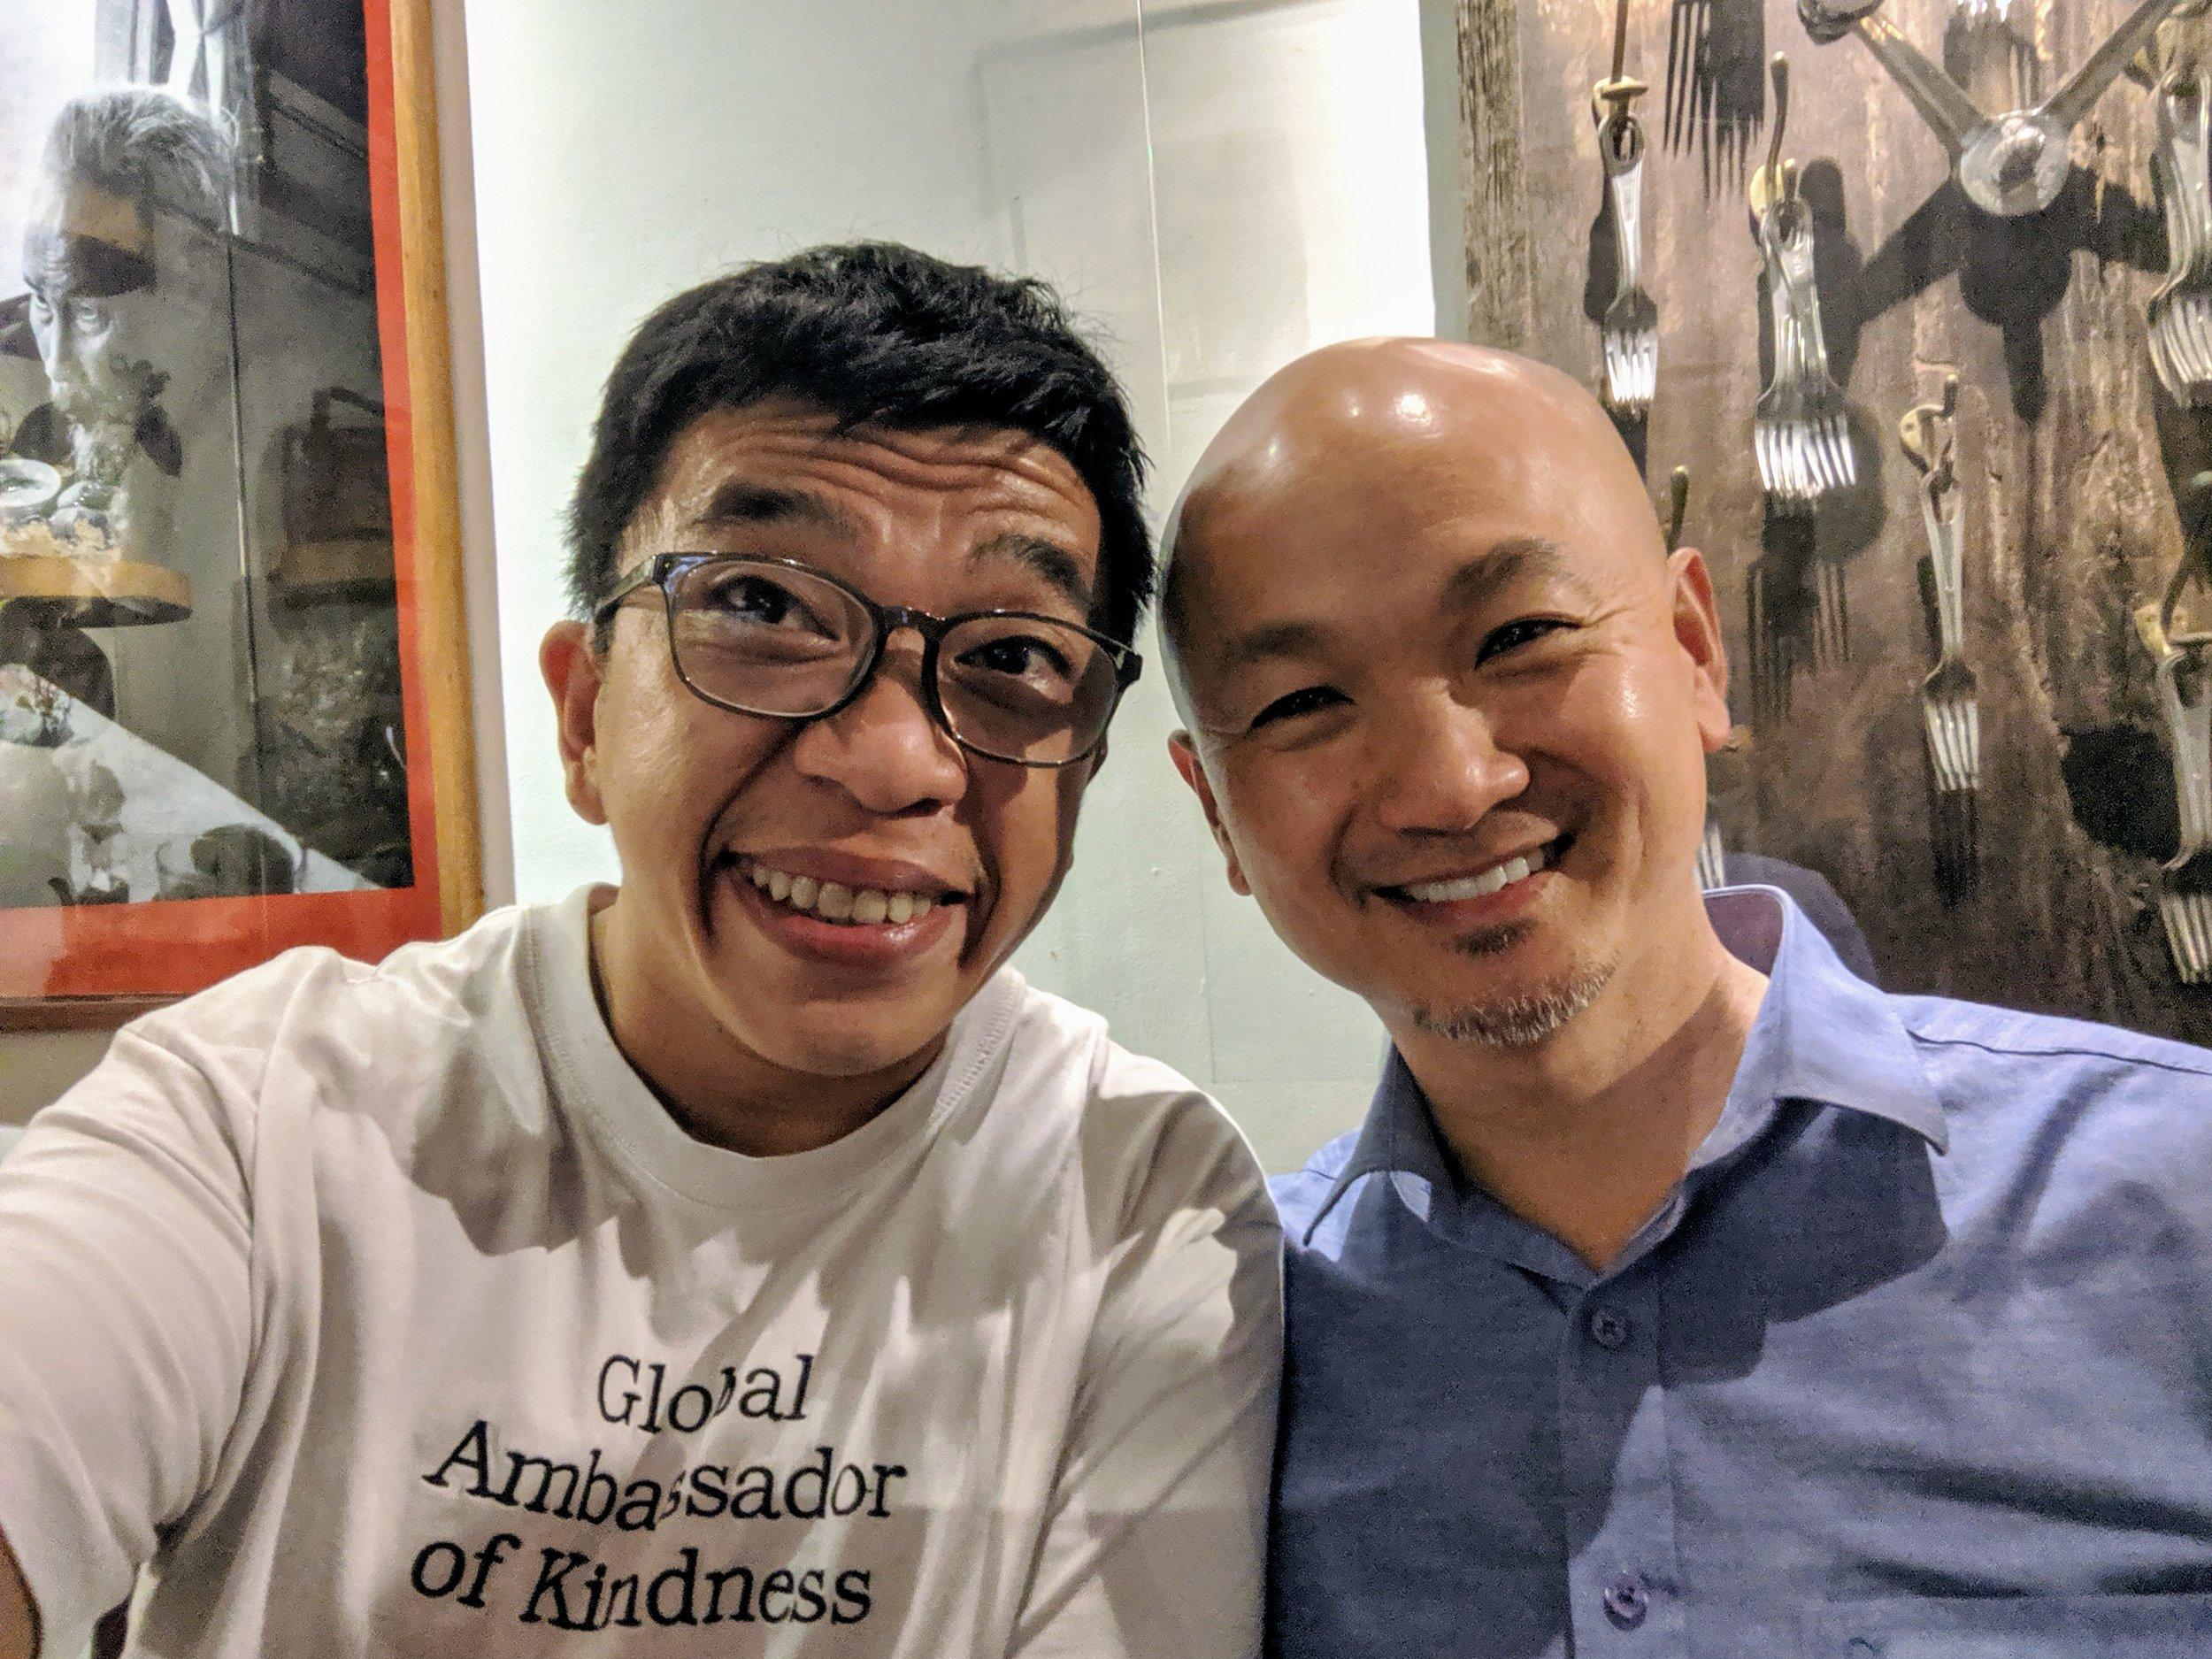 - Đây là giáo sư Hùng Nguyễn – nhà nghiên cứu về lãnh đạo chánh niệm của đại học Columbia, Mỹ.